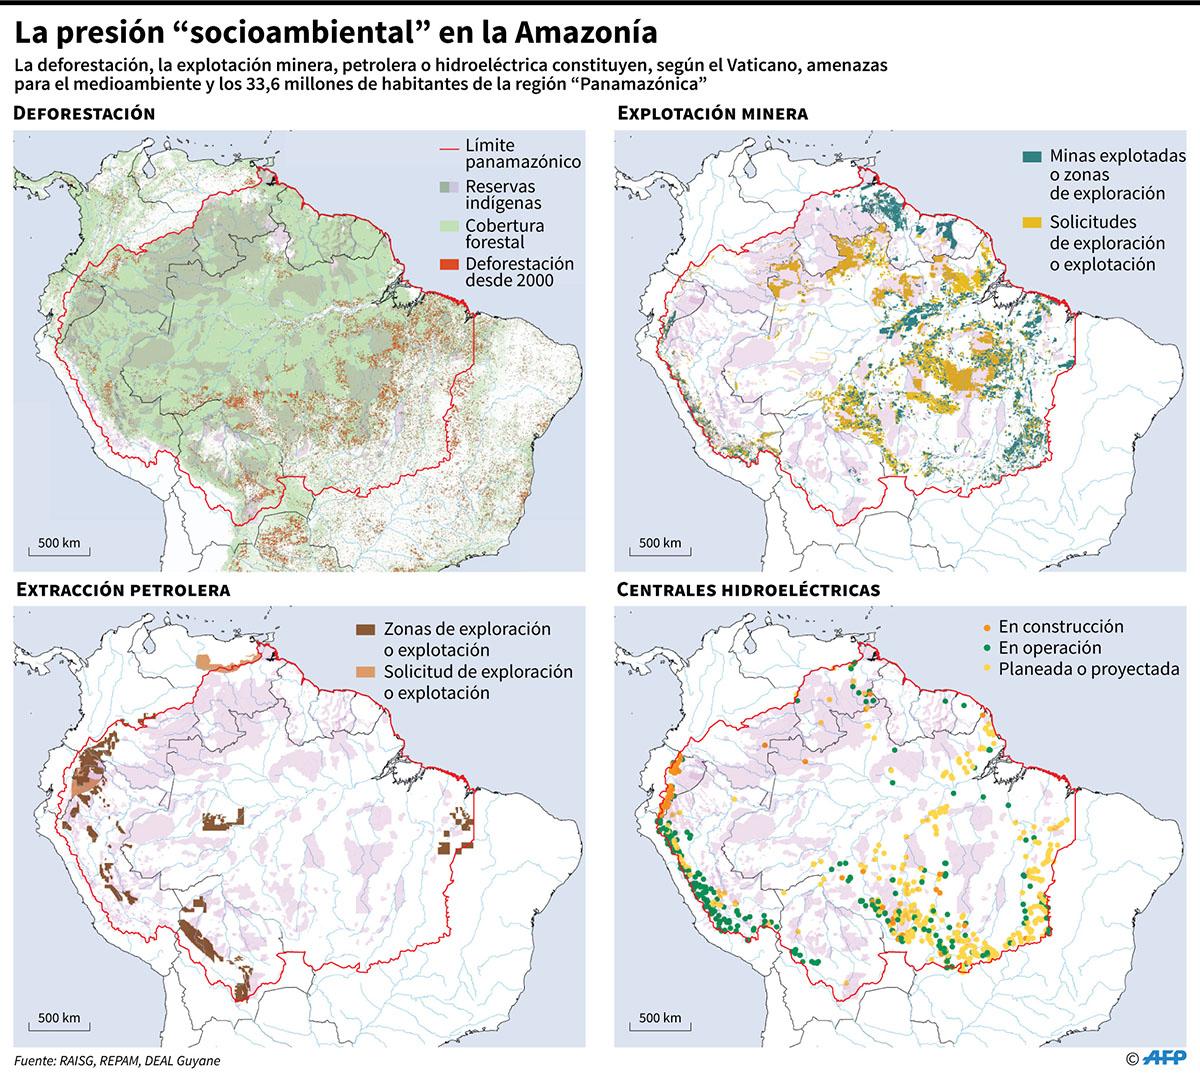 La deforestación, la explotación minera, petrolera o hidroeléctrica constituyen, según el Vaticano, amenazas para el medioambiente y los 33,6 millones de habitantes de la región